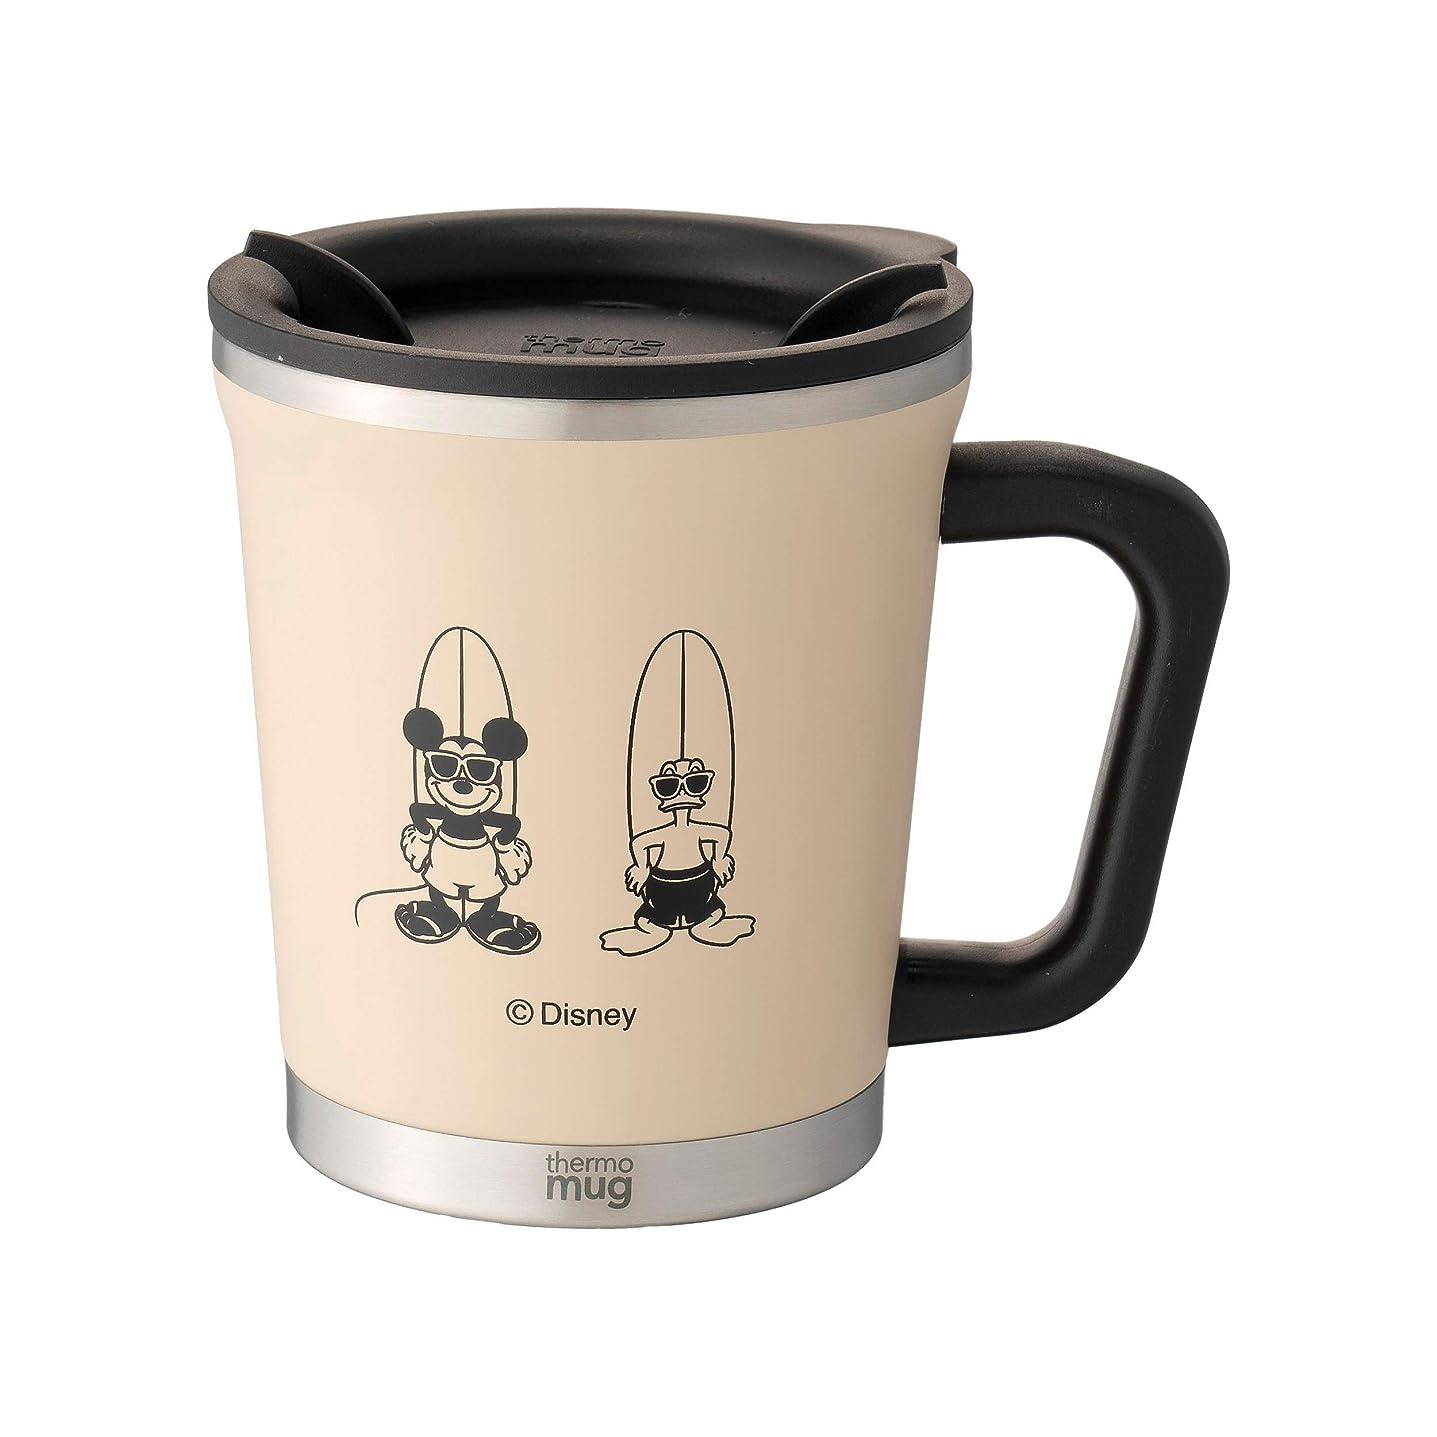 殺人タイトル酒THERMO MUG ダブルマグ(フタ付きステンレスマグカップ) アイボリー 300ml 『サーフスタイル ミッキー』 DM-SSM